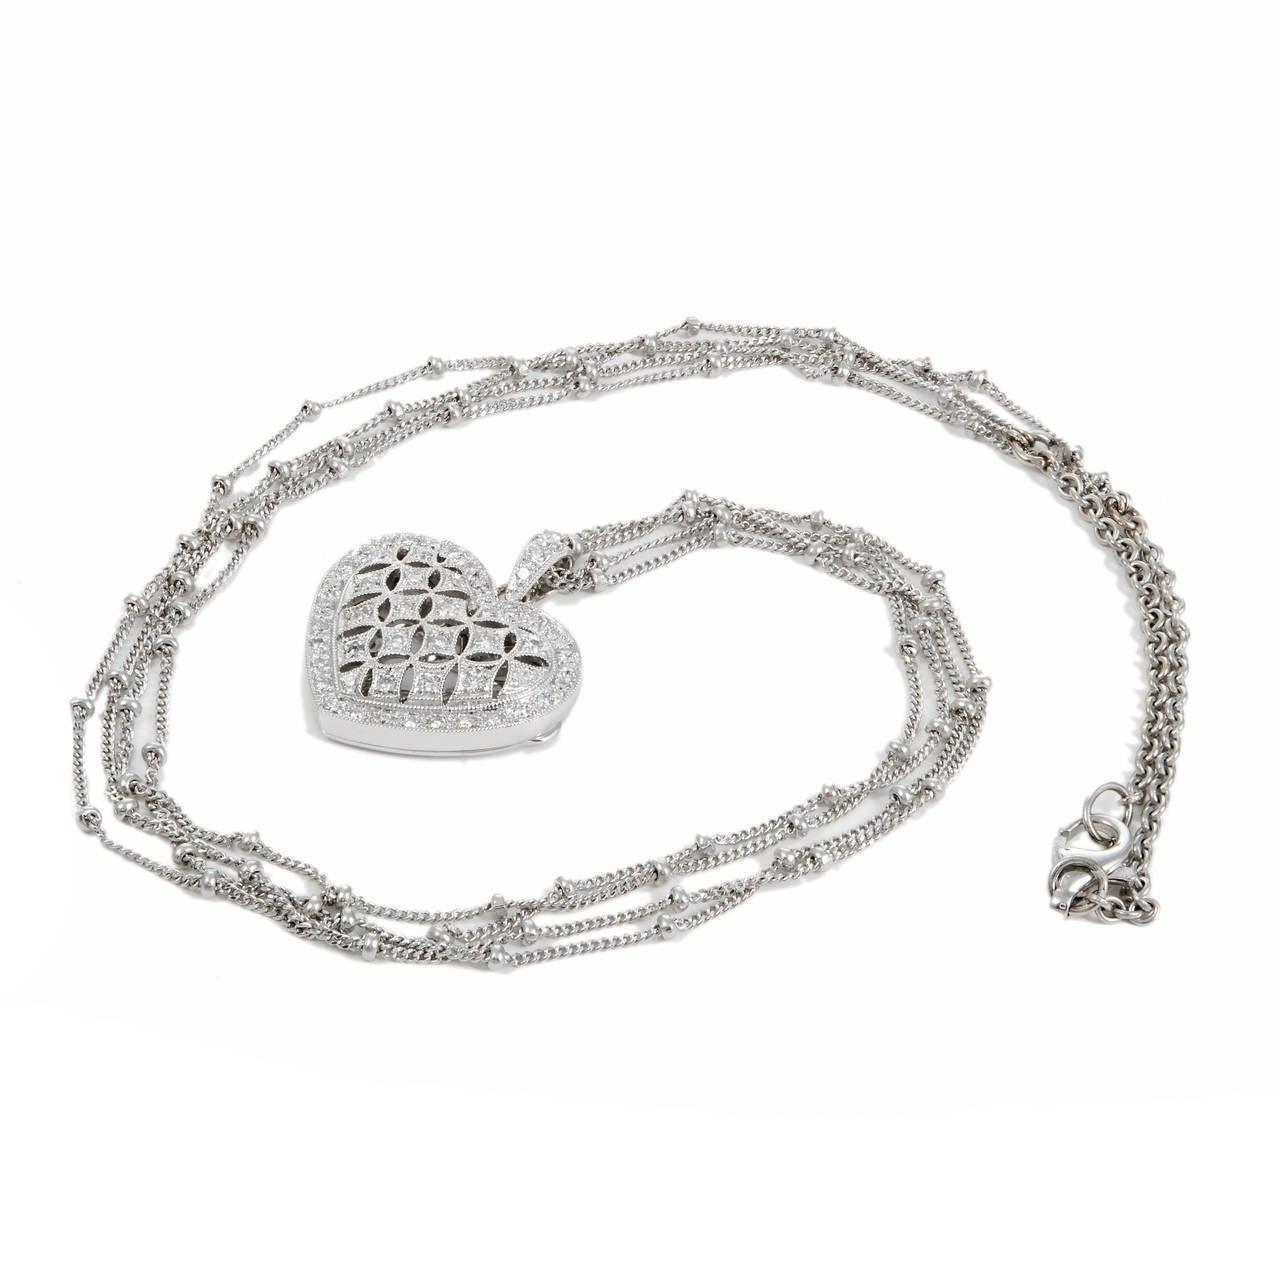 Diamond Gold Open Work Heart Locket Pendant Chain 2